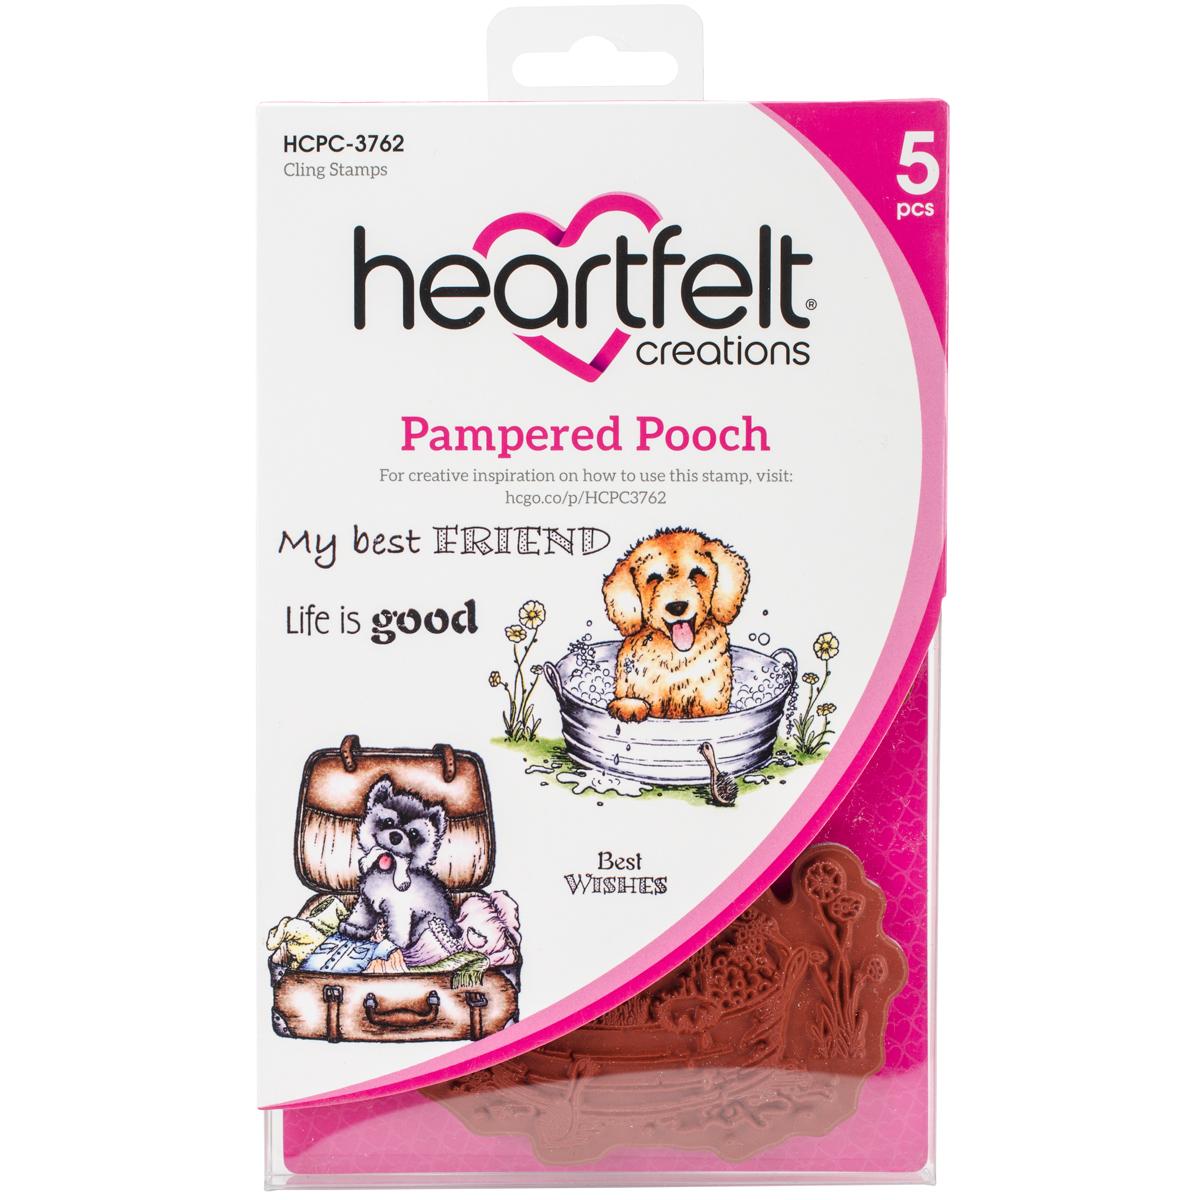 Pampered Pooch Stamp Set